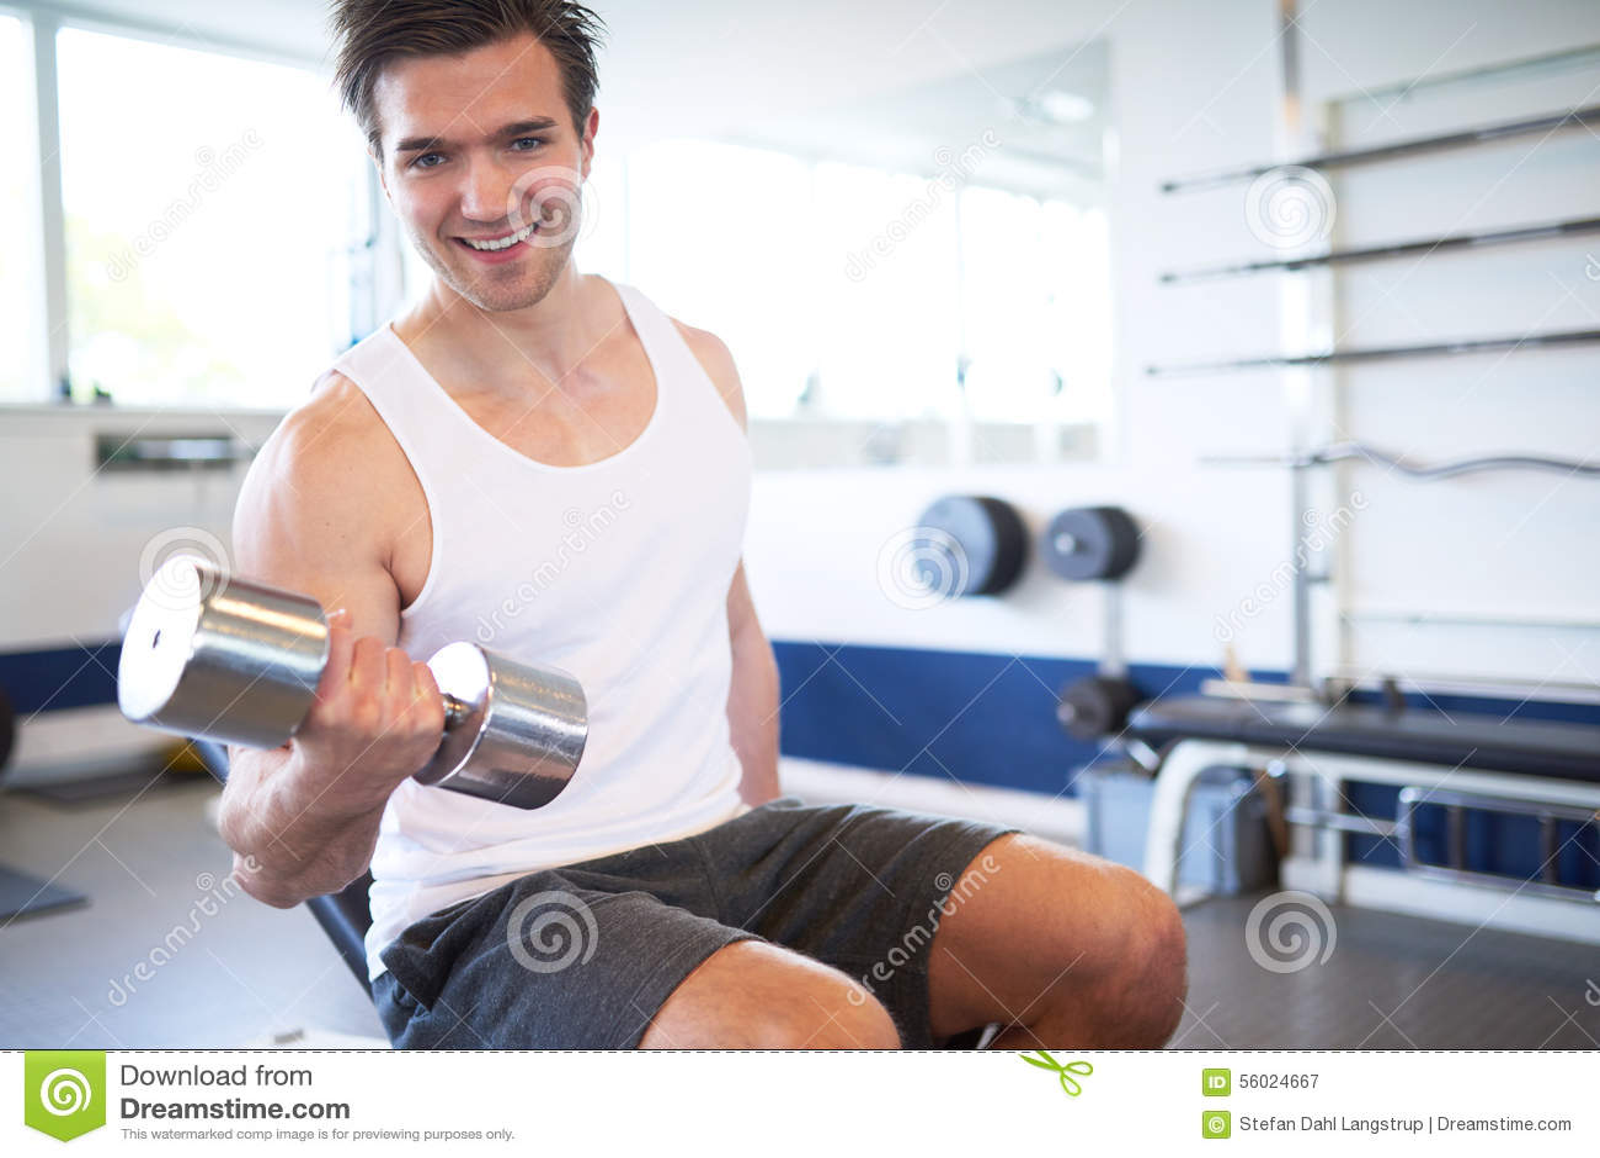 pijnlijke spieren hele lichaam